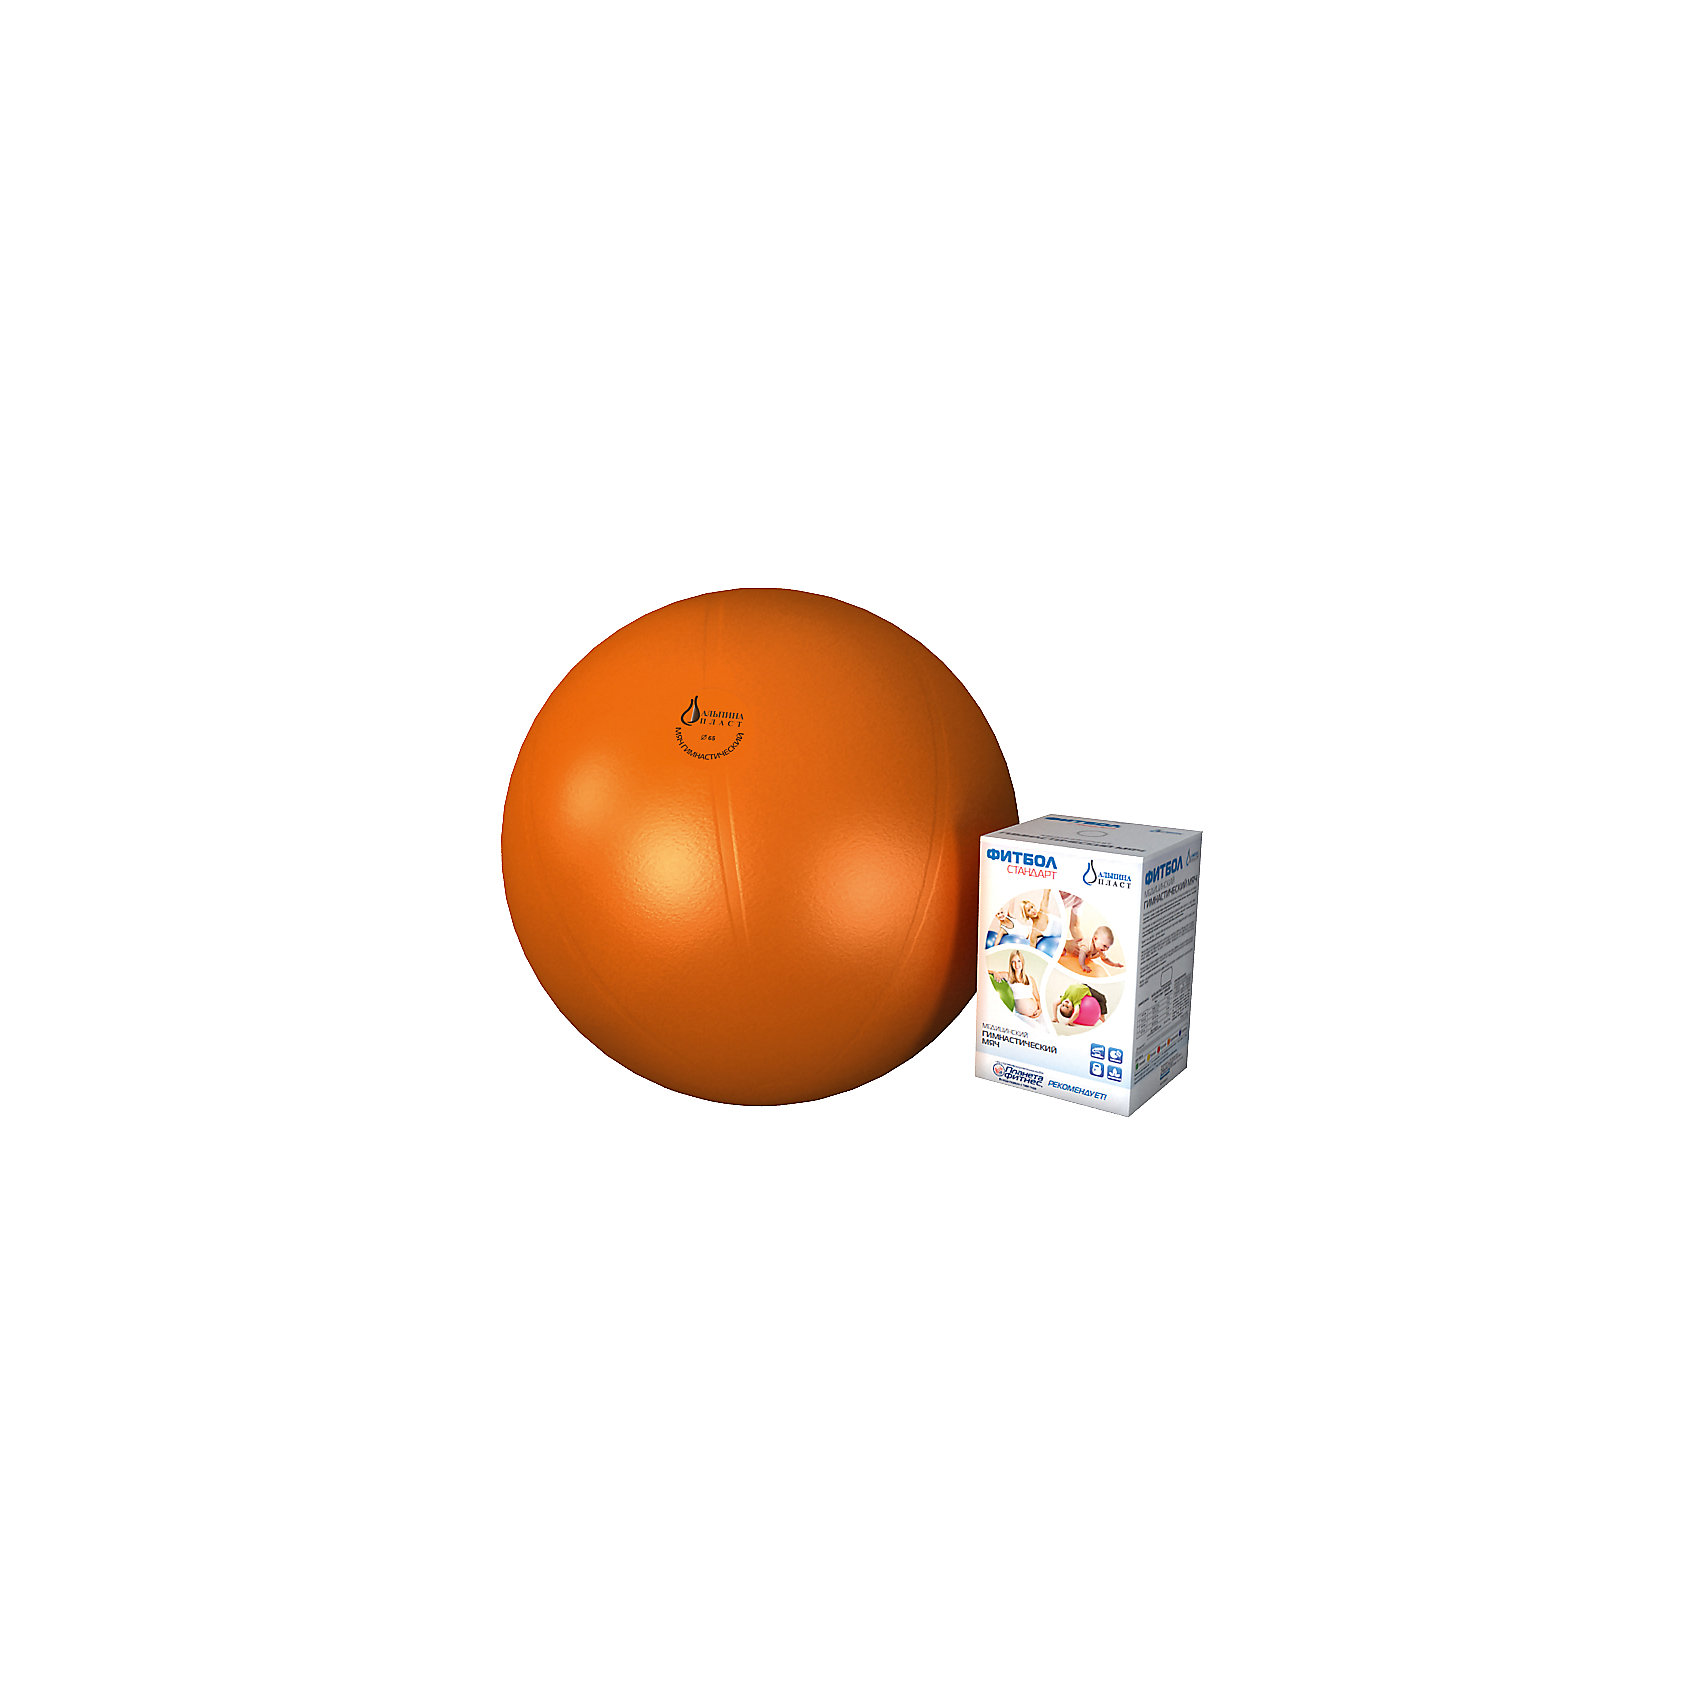 Фитбол Стандарт, оранжевый, ?650 мм, Альпина ПластДиаметр гимнастического мяча-65 см.<br>Выдерживает нагрузку до 300 кг.,<br>снабжен системой антивзрыв,произведен из нетоксичного и гипоаллергенного ПВХ  (Италия) на немецком оборудовании оборудовании, безвредного для детей любого возраста.Во время гимнастики на фитболе сгорает больше килокалорий, чем при простой силовой тренировке, так как равномерно прорабатываются те группы мышц, которые обычно недоступны, особенно мышцы брюшного пресса и спины. Мяч очень легкий и компактный, надувается насосом в считанные минуты.<br>Идеально подходит для занятий с детьми с 4-месячного возраста с целью формирования правильных рефлексов и развития координации движения. <br>Фитбол предназначен для занятий спортивной и лечебной гимнастикой,развития и укрепления мышц спины, рук, живота и ног,формирования правильной осанки,игр и отдыха.Продукт сертифицирован как изделие медицинского назначения и соответствует требованиям ТУ 9398-011-17707123-2010.<br>Регистрационное удостоверение № ФСР 2010/09426 от 13.12.10<br><br>Ширина мм: 180<br>Глубина мм: 160<br>Высота мм: 270<br>Вес г: 1250<br>Возраст от месяцев: 4<br>Возраст до месяцев: 192<br>Пол: Унисекс<br>Возраст: Детский<br>SKU: 5510693